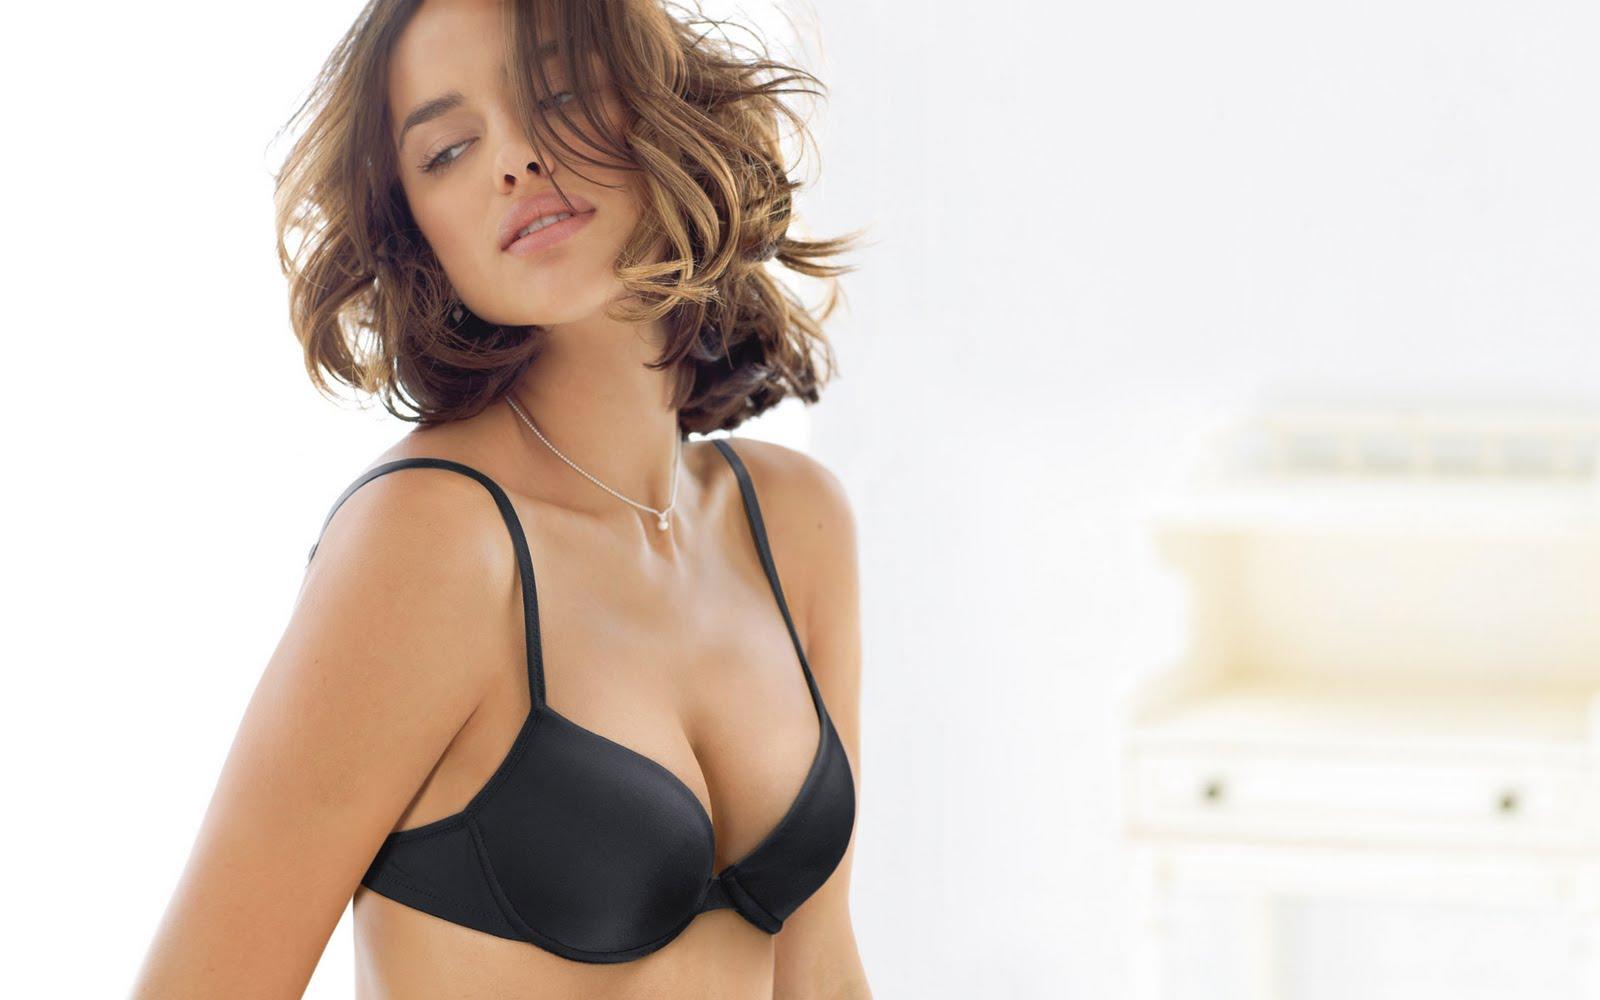 Sexy Irina Sheik Hq